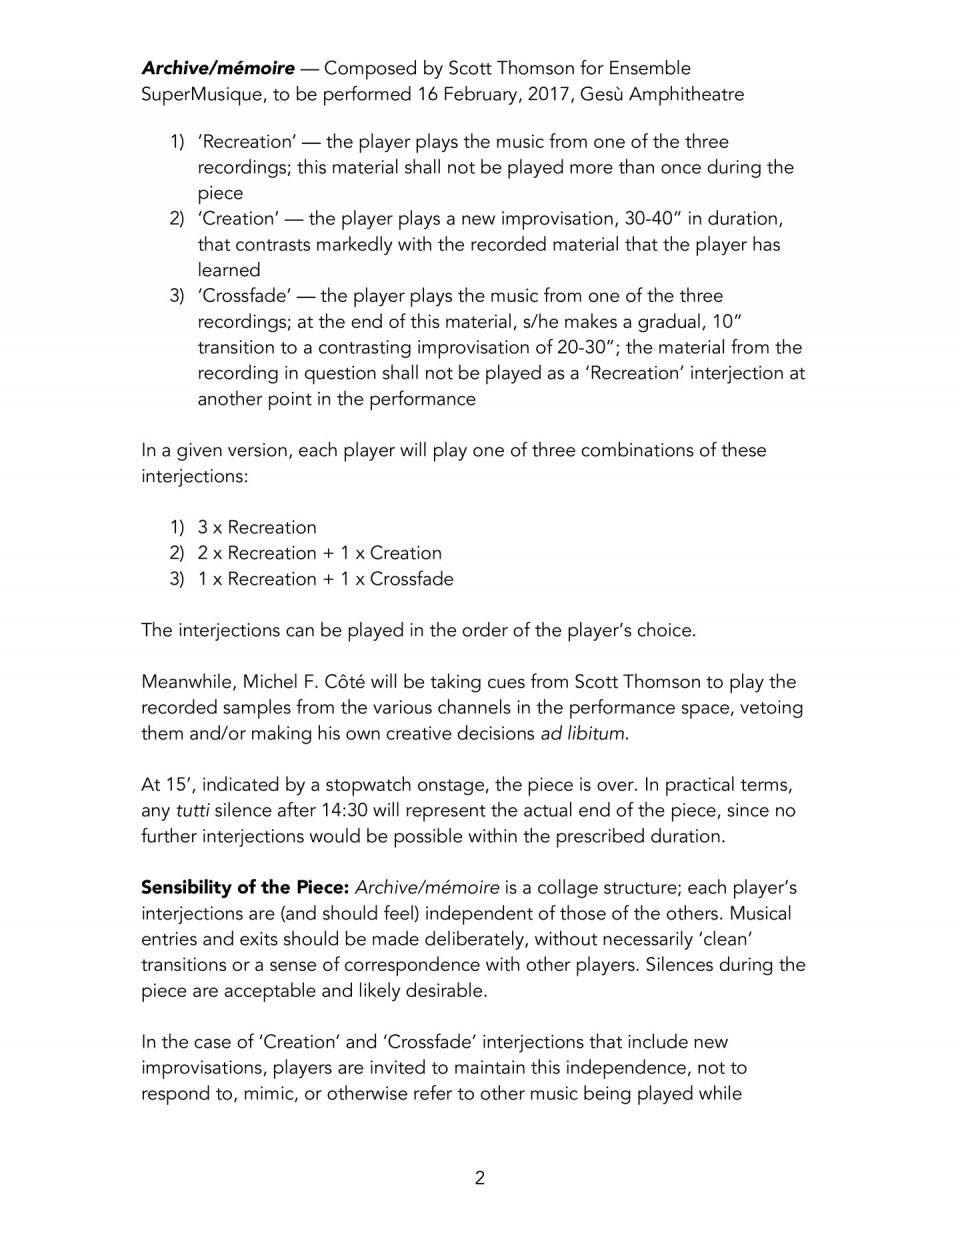 page 2 (en)